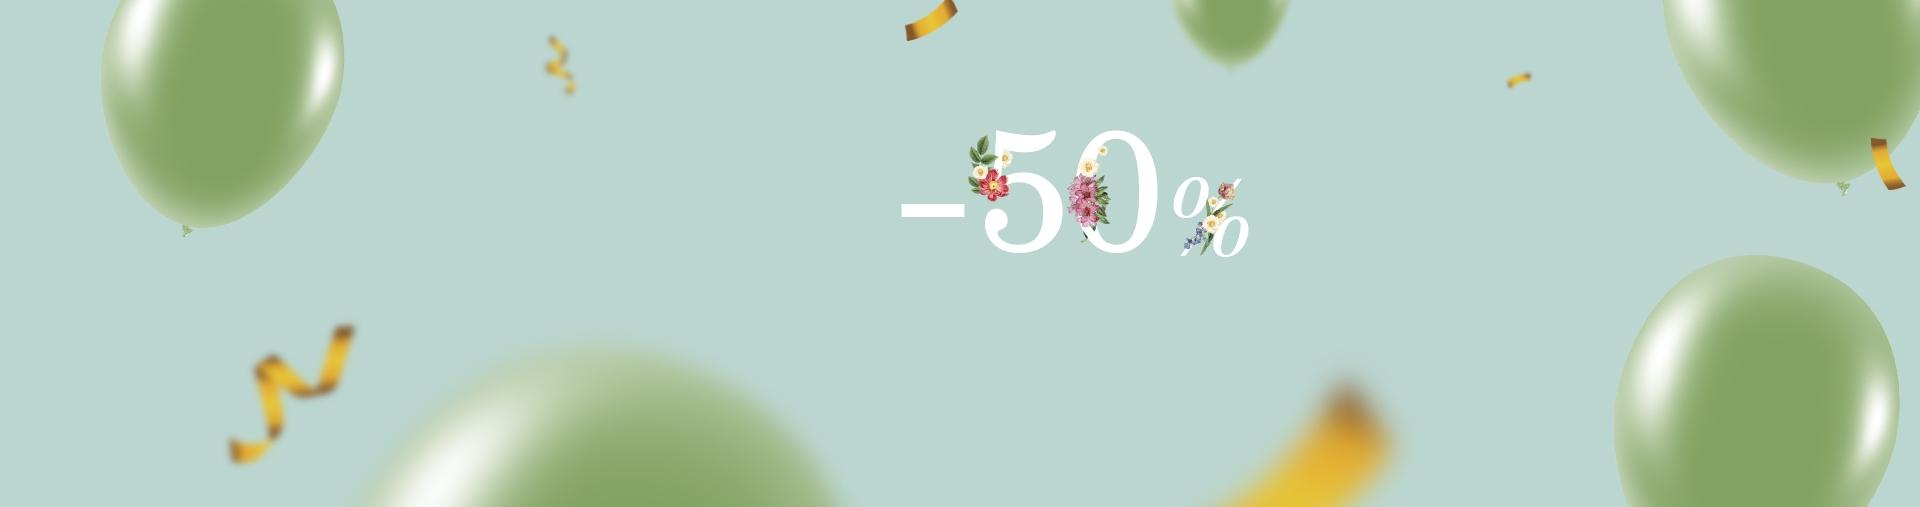 50% SPRING